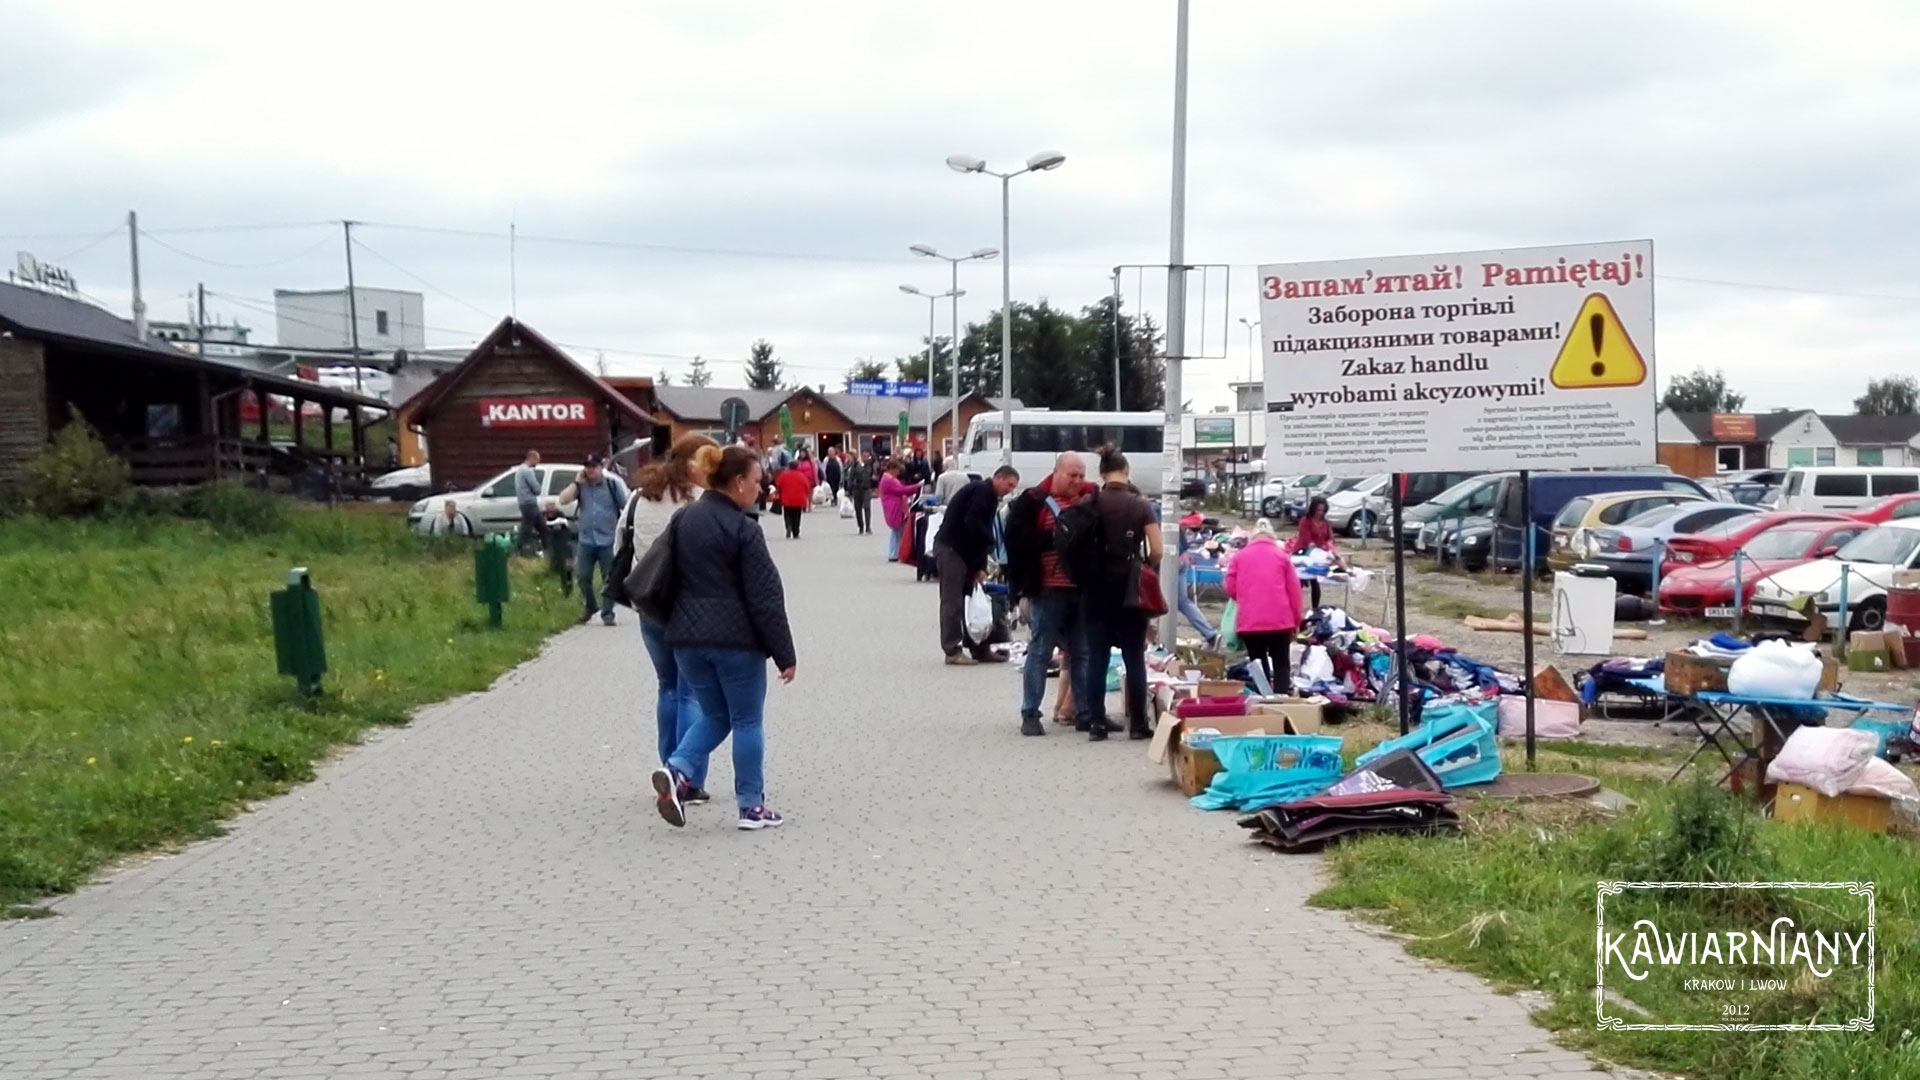 Piesze przejście graniczne z Ukrainą. Medyka – jak przejść przez granicę na piechotę?